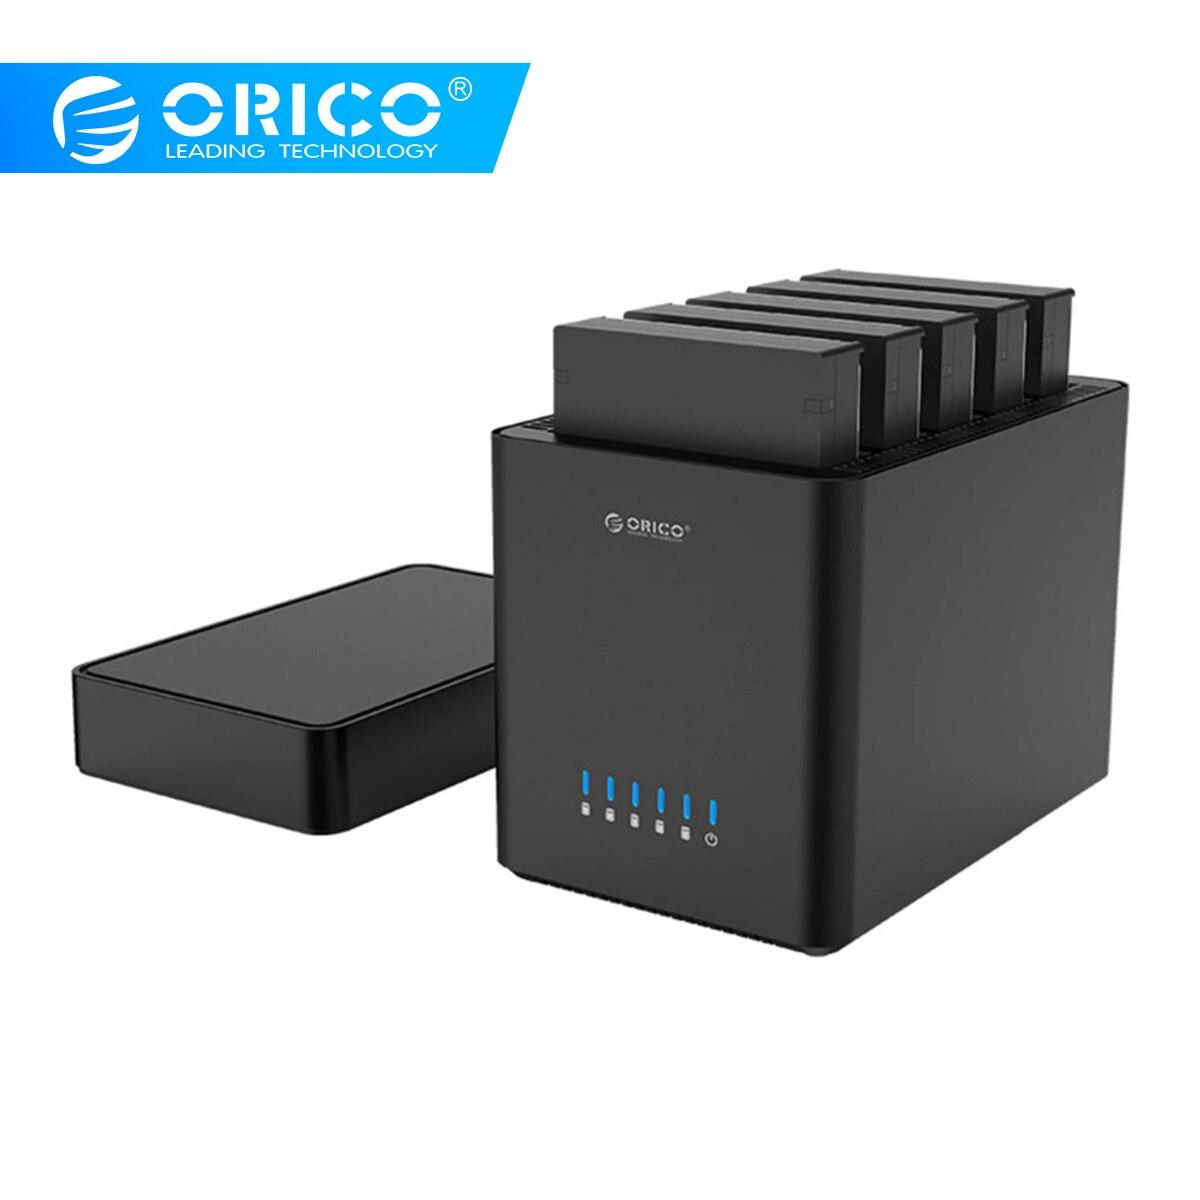 Boîtier de disque dur ORICO 5 baies de type magnétique 3.5 pouces USB3.0 à SATA3.0 3.5 en boîtier HDD Support UASP 12V6. 5A puissance MAX 50 to